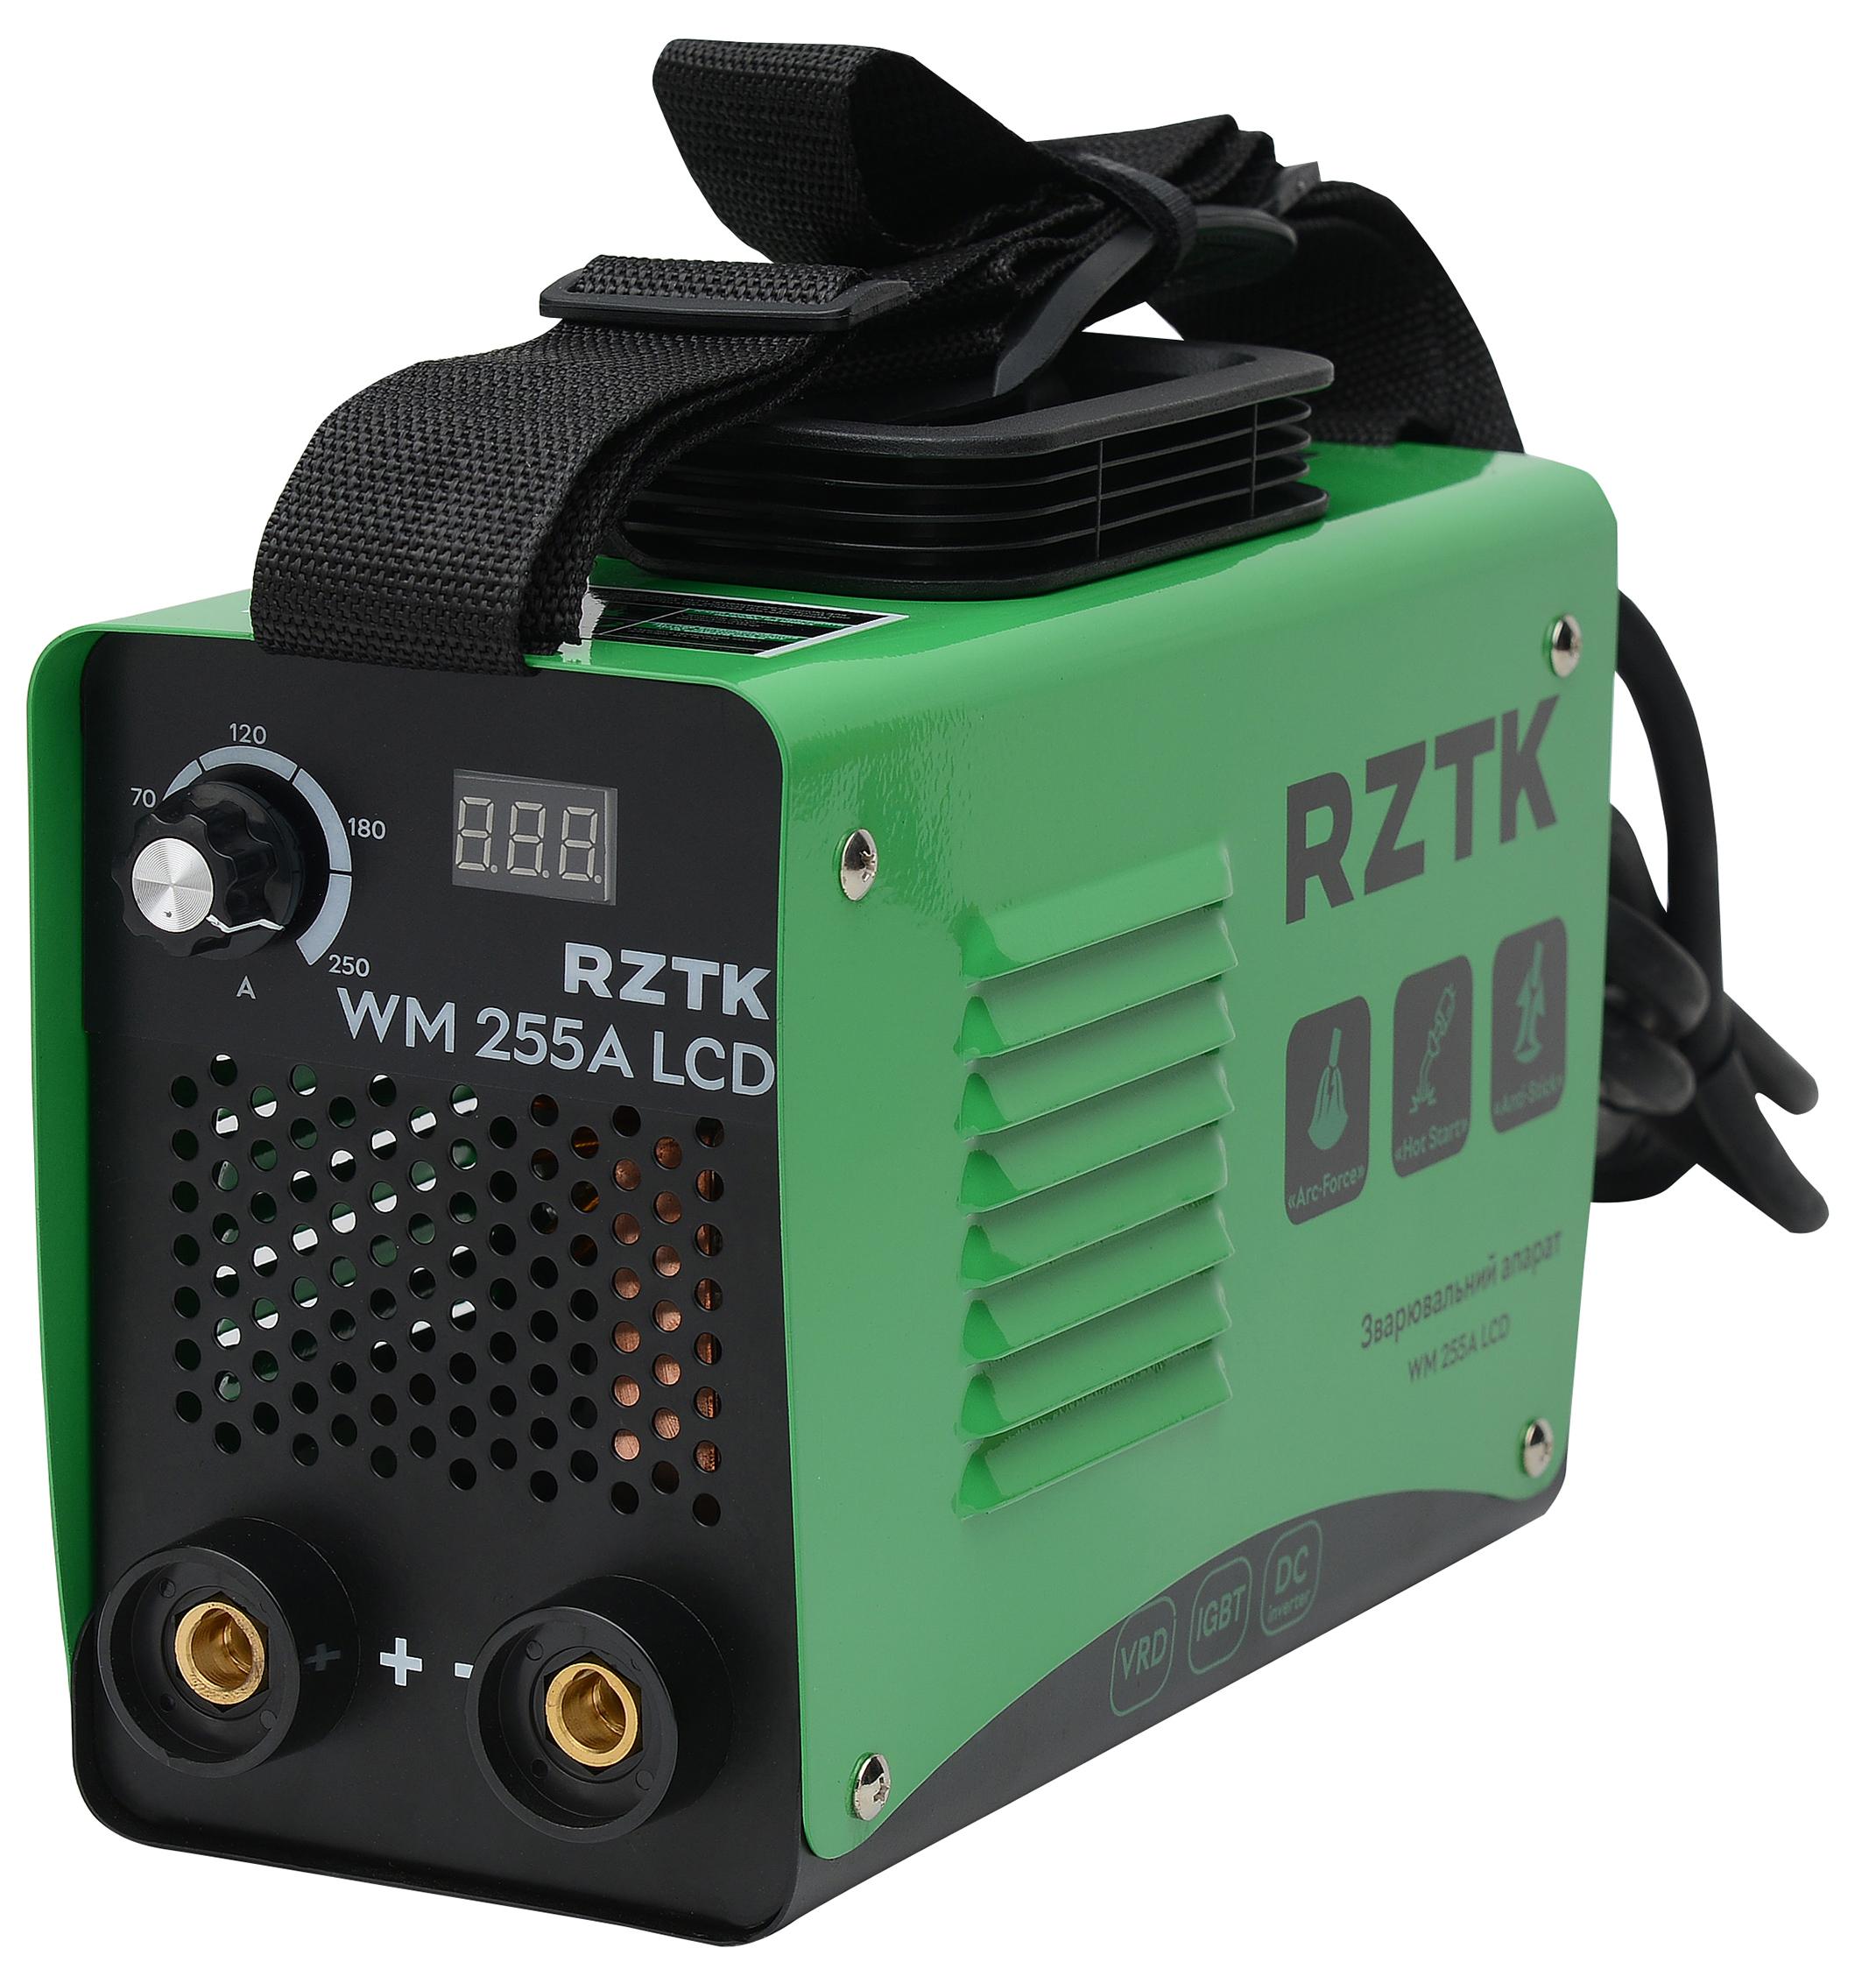 Зварювальний інвертор RZTK WM 255A LCD